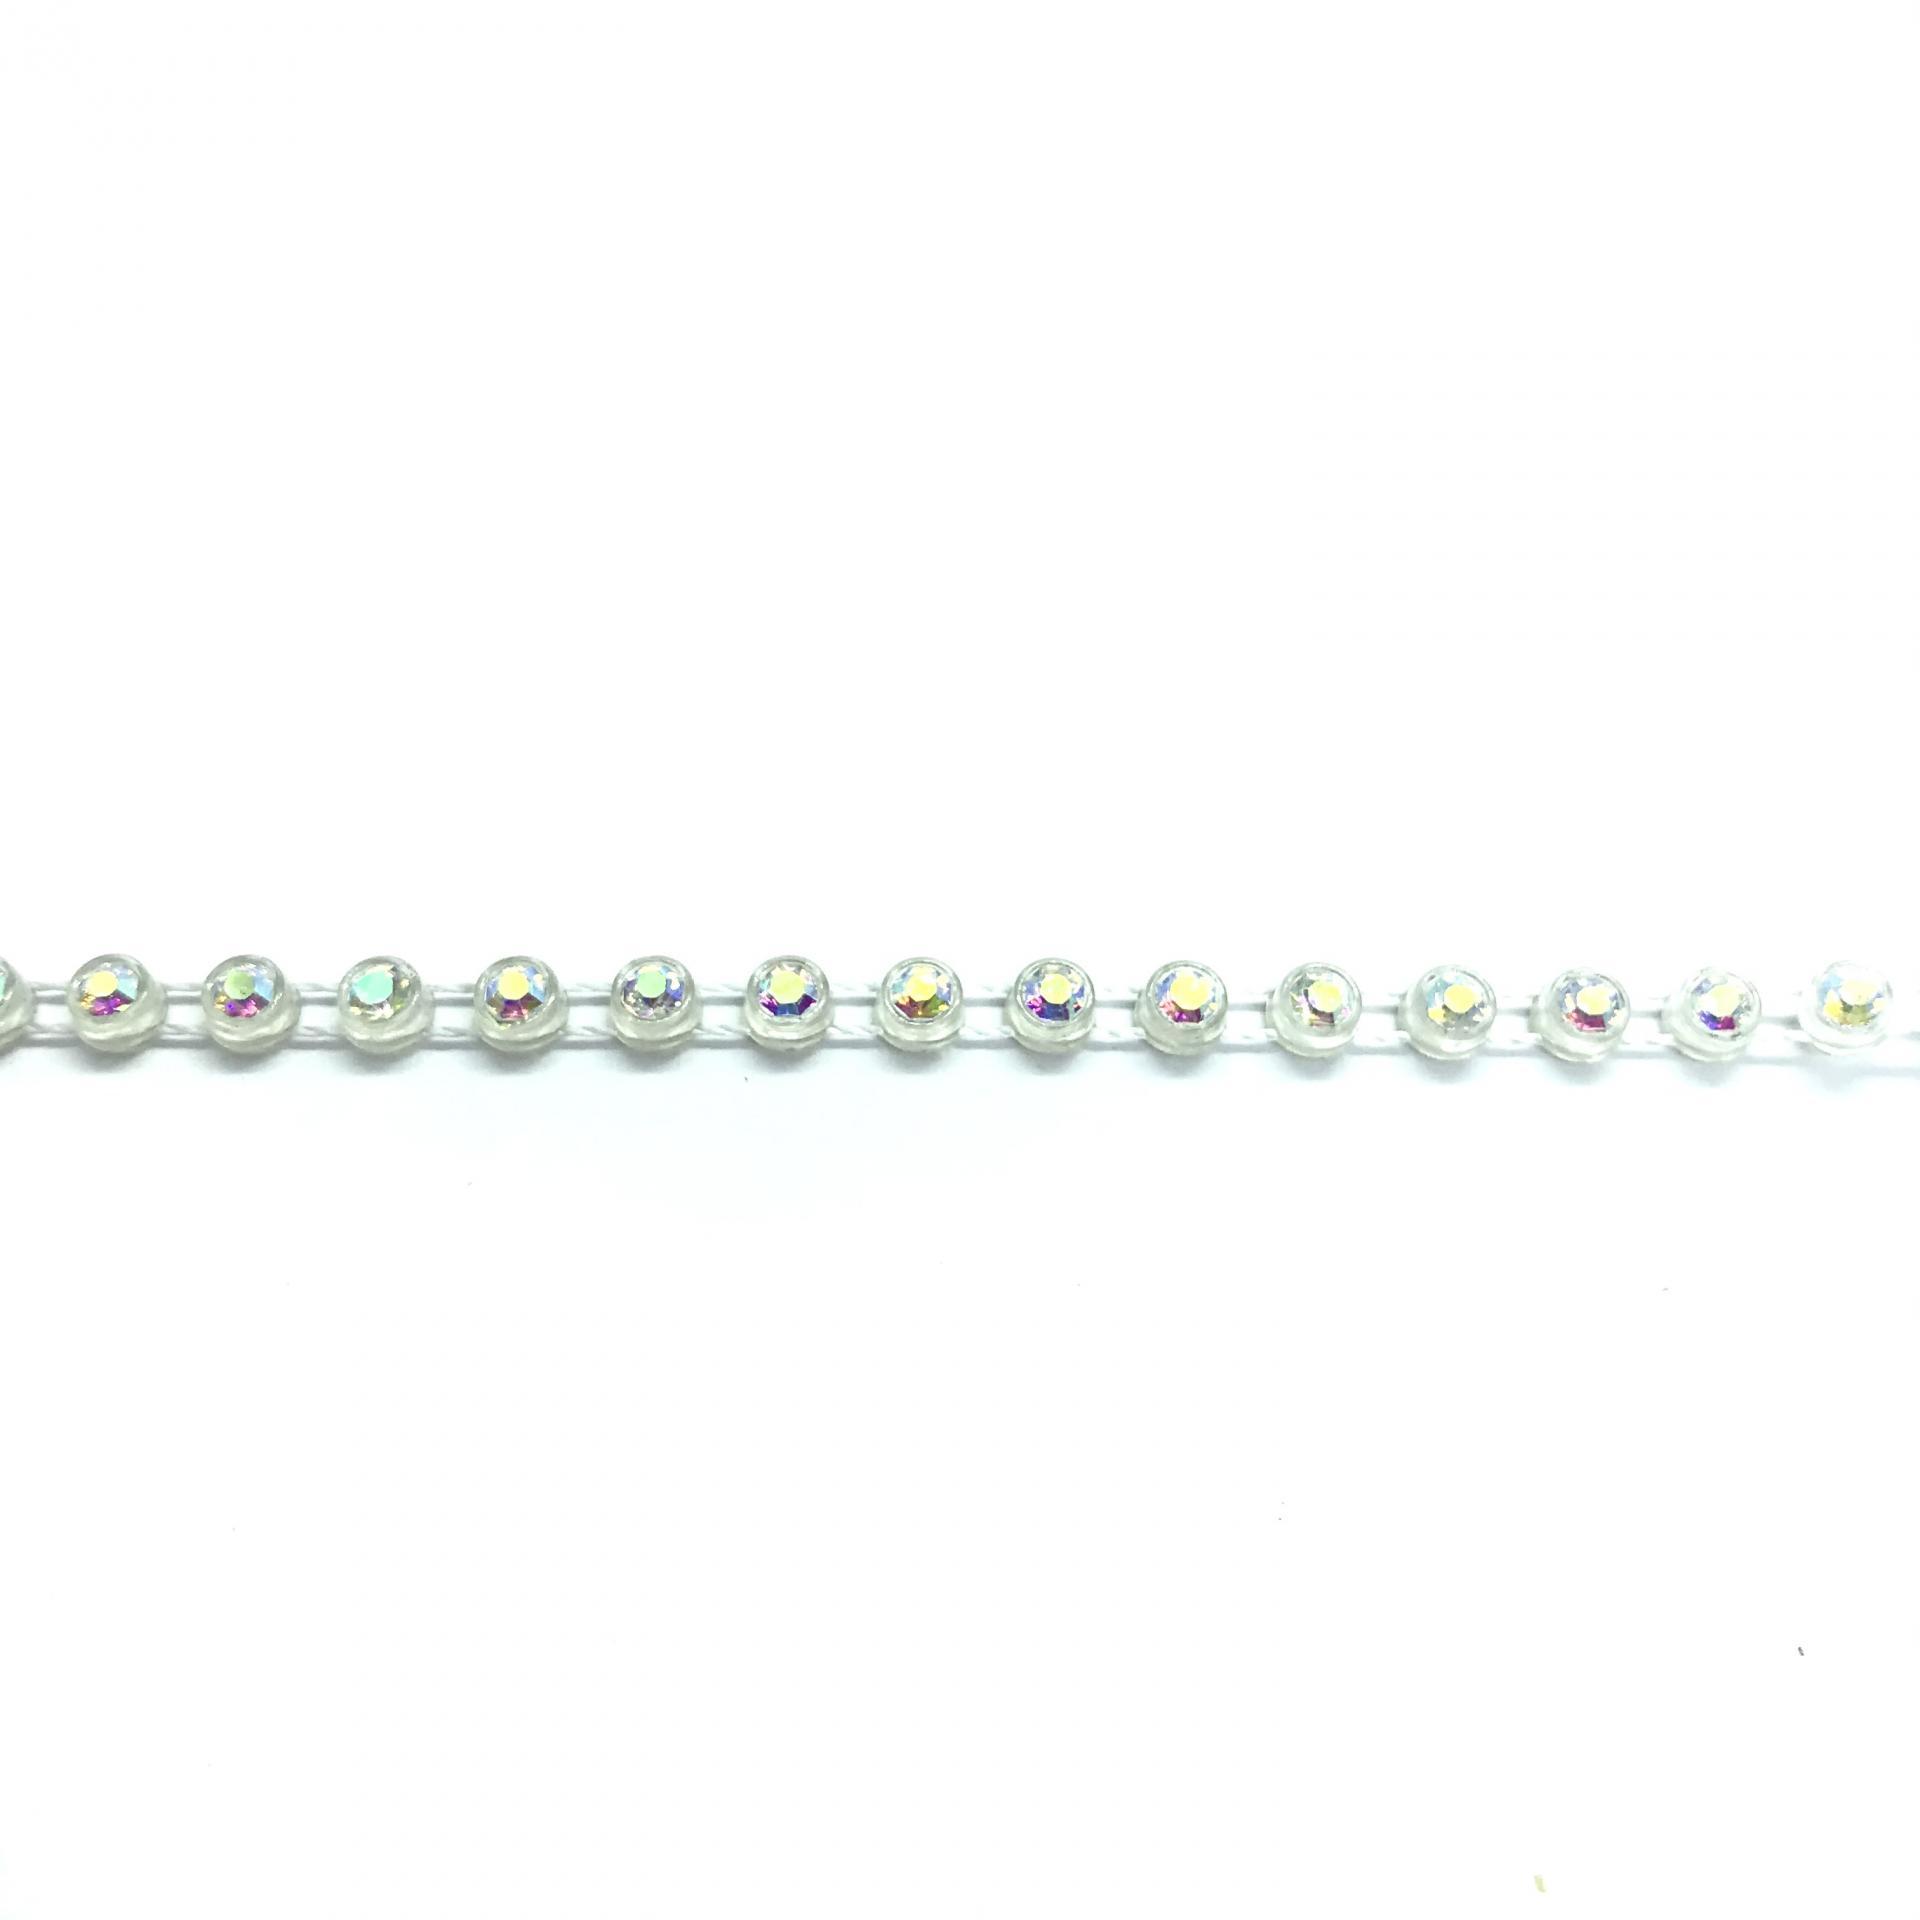 Galon de strass a coudre cristal ab base plastique translucide 3mm